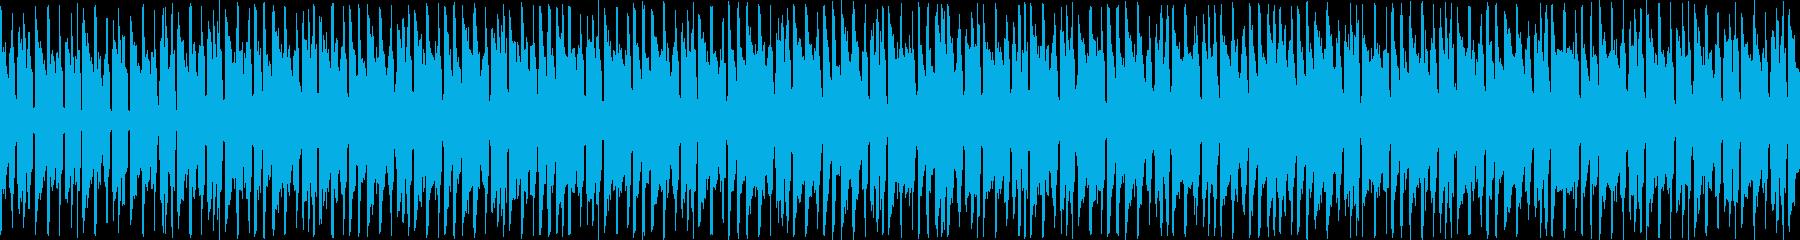 ギターとシンセリードのノリの良いループ曲の再生済みの波形